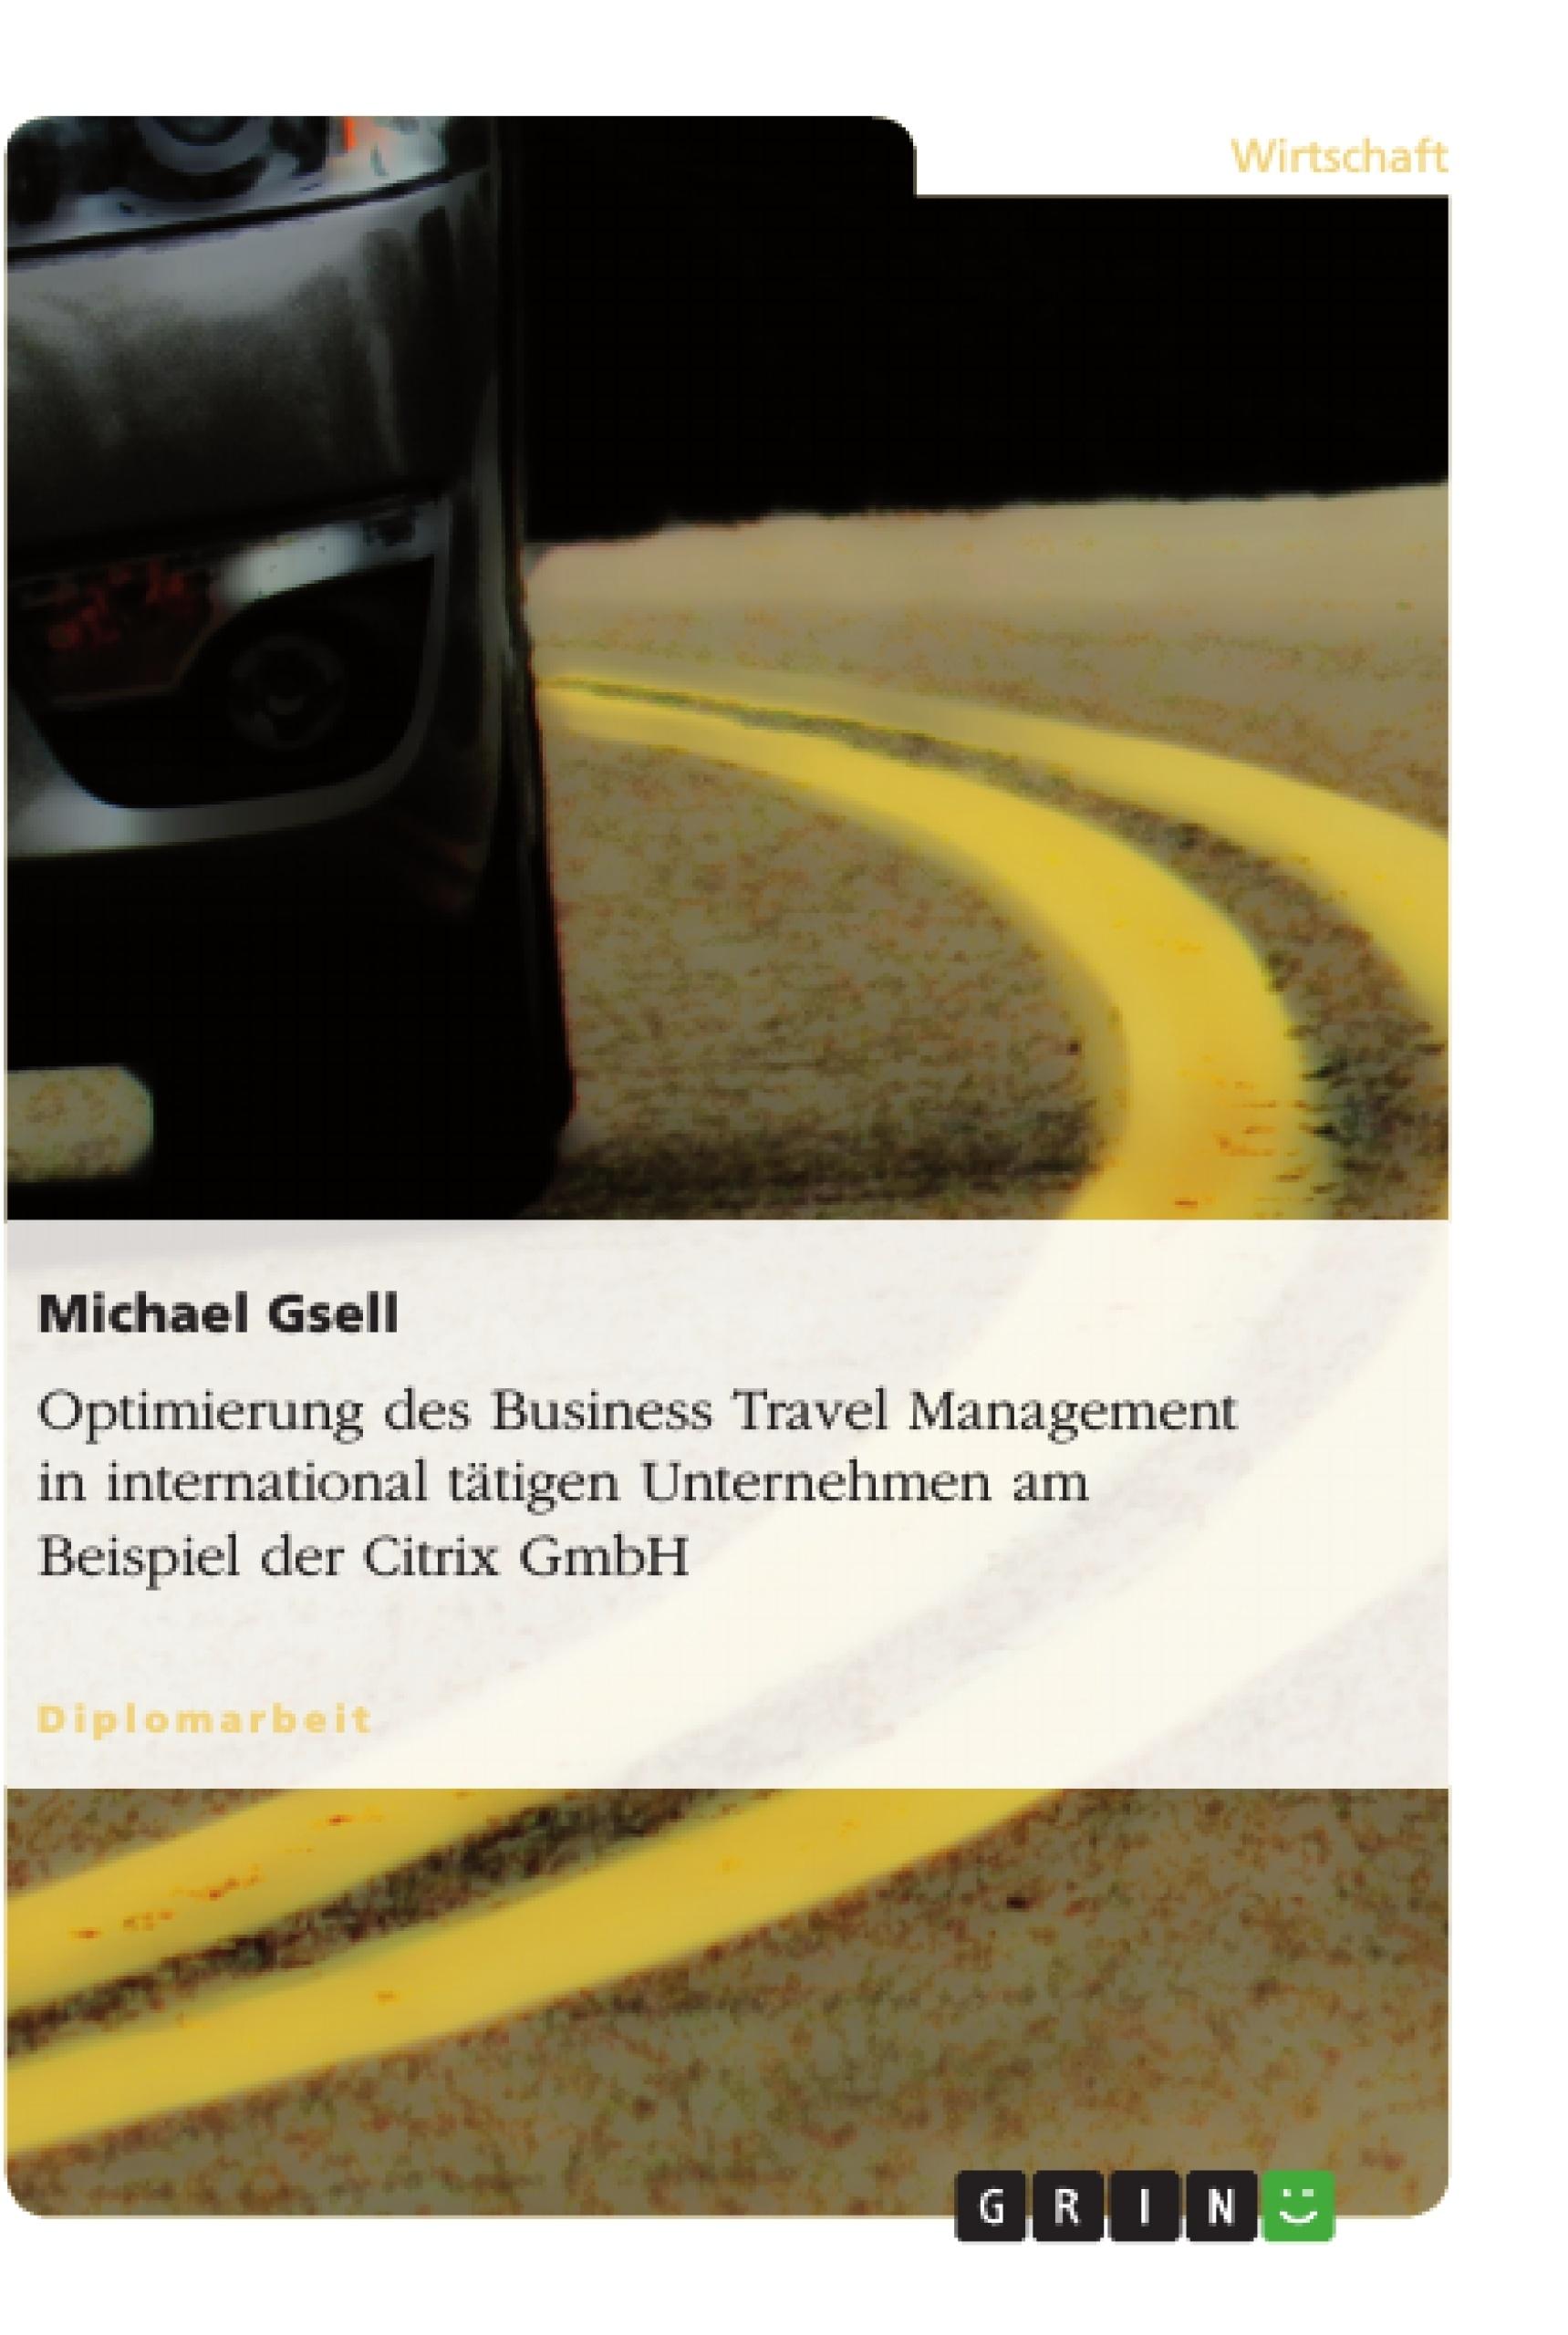 Titel: Optimierung des Business Travel Management in international tätigen Unternehmen am Beispiel der Citrix GmbH